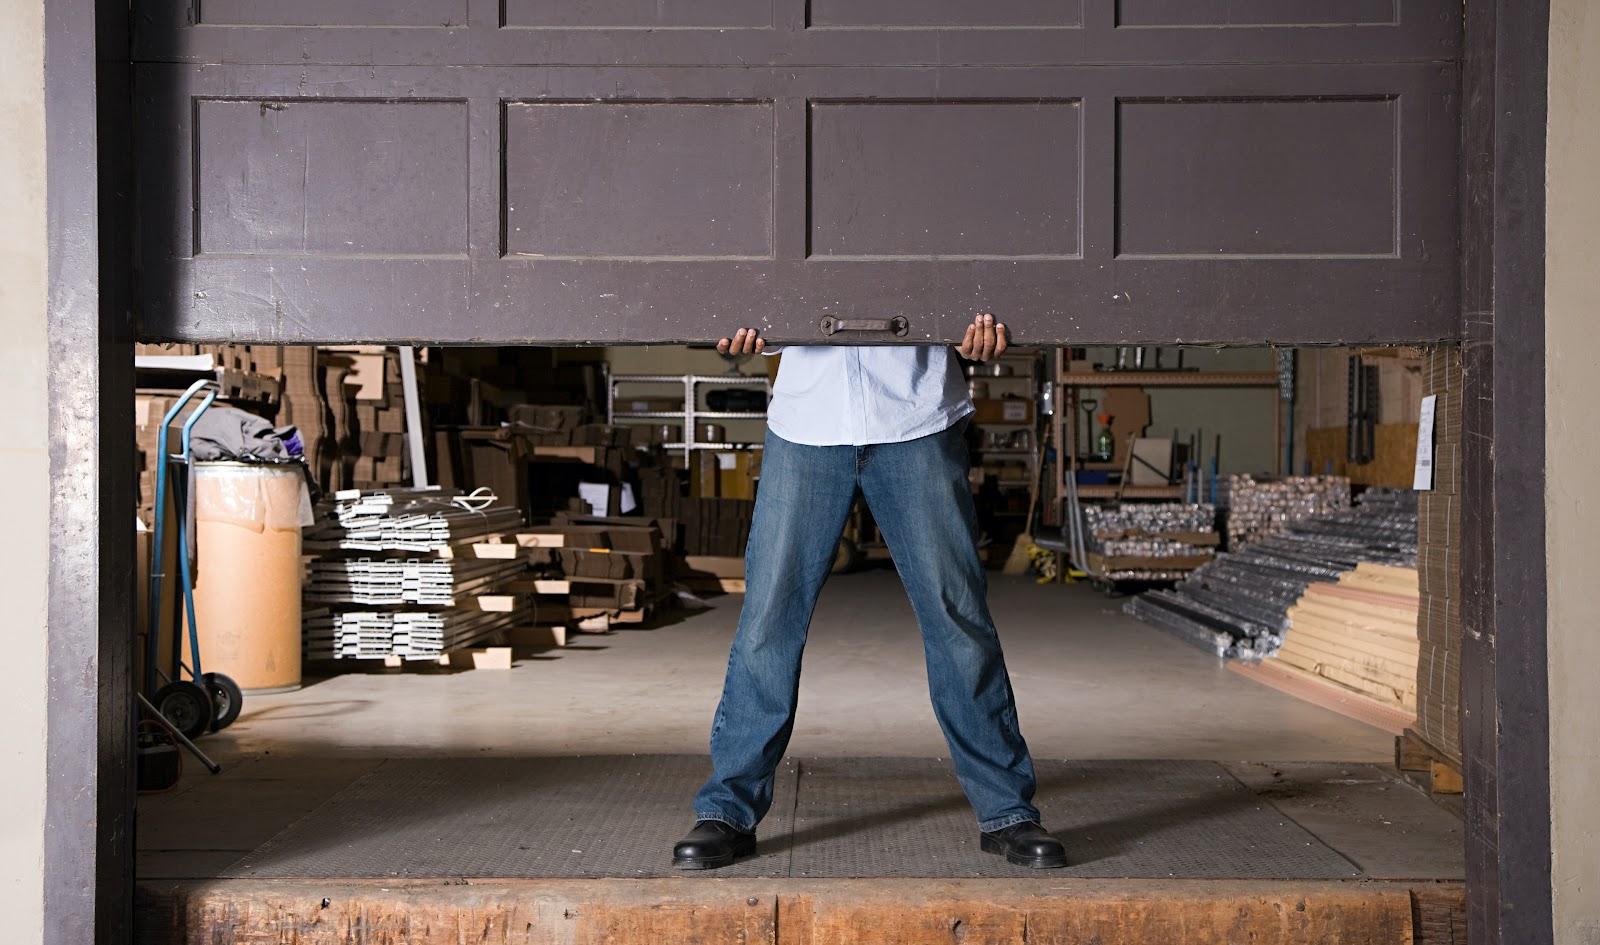 A man manually lifts open a garage door.